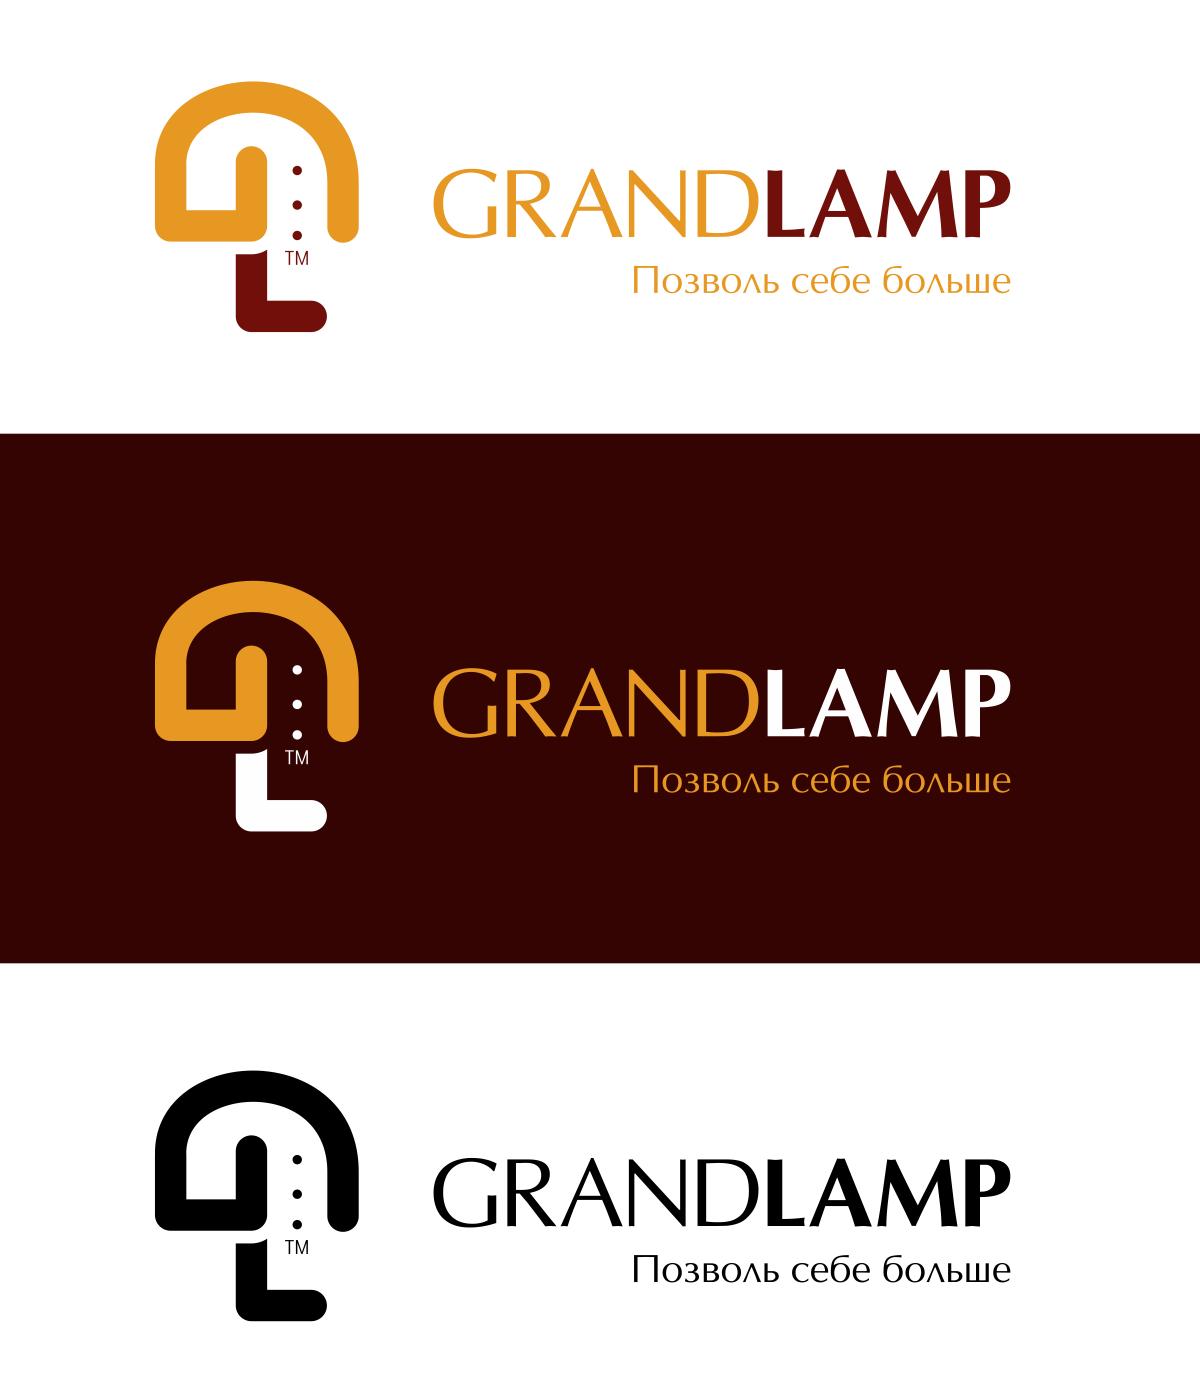 Разработка логотипа и элементов фирменного стиля фото f_96557df98d40f675.png